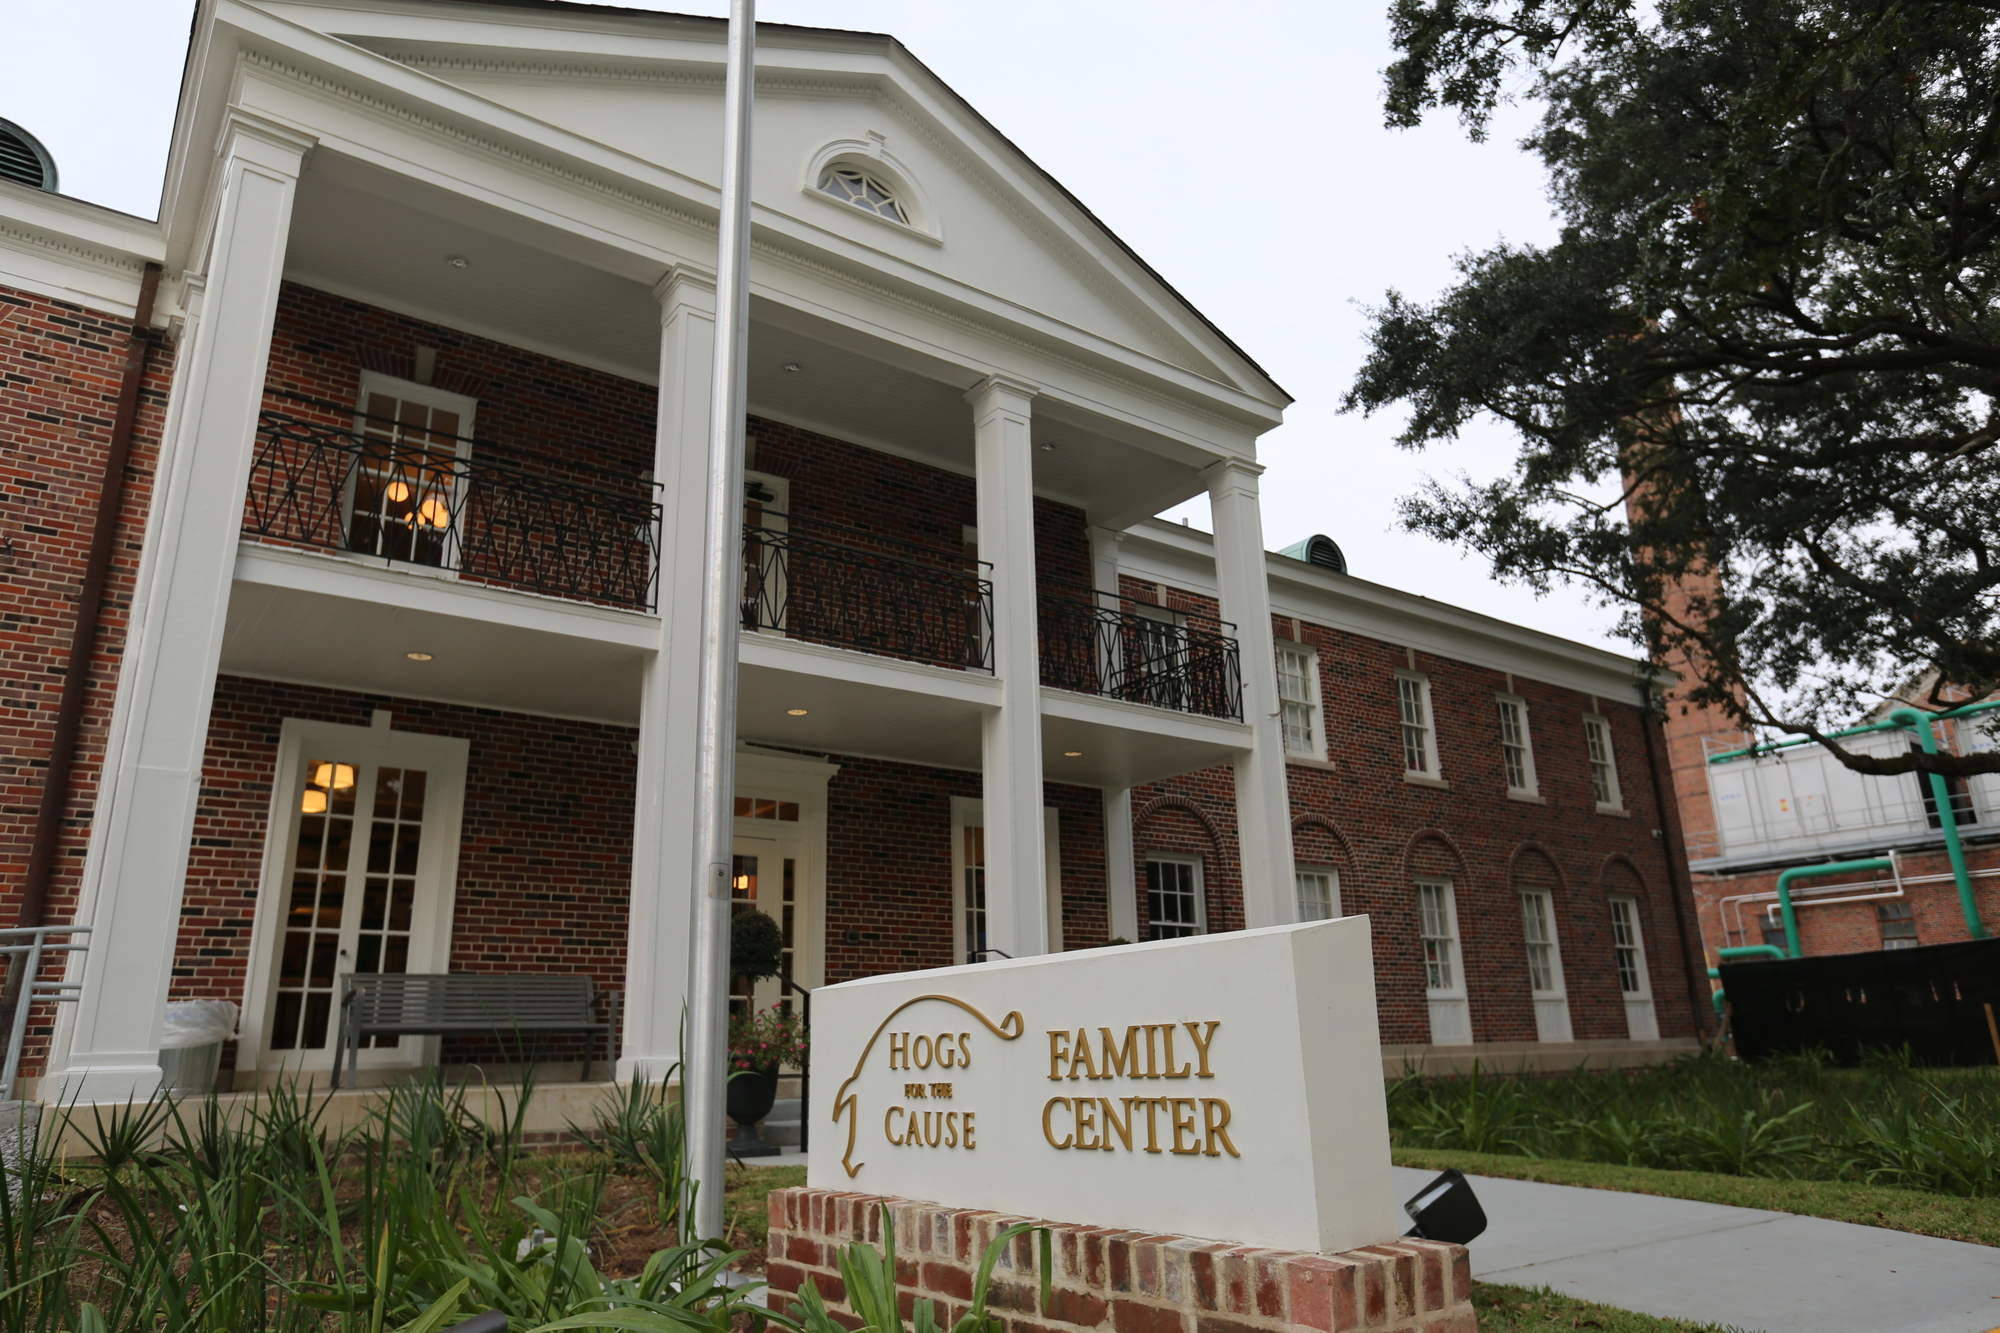 Hogs House Family Center at Children's Hospital